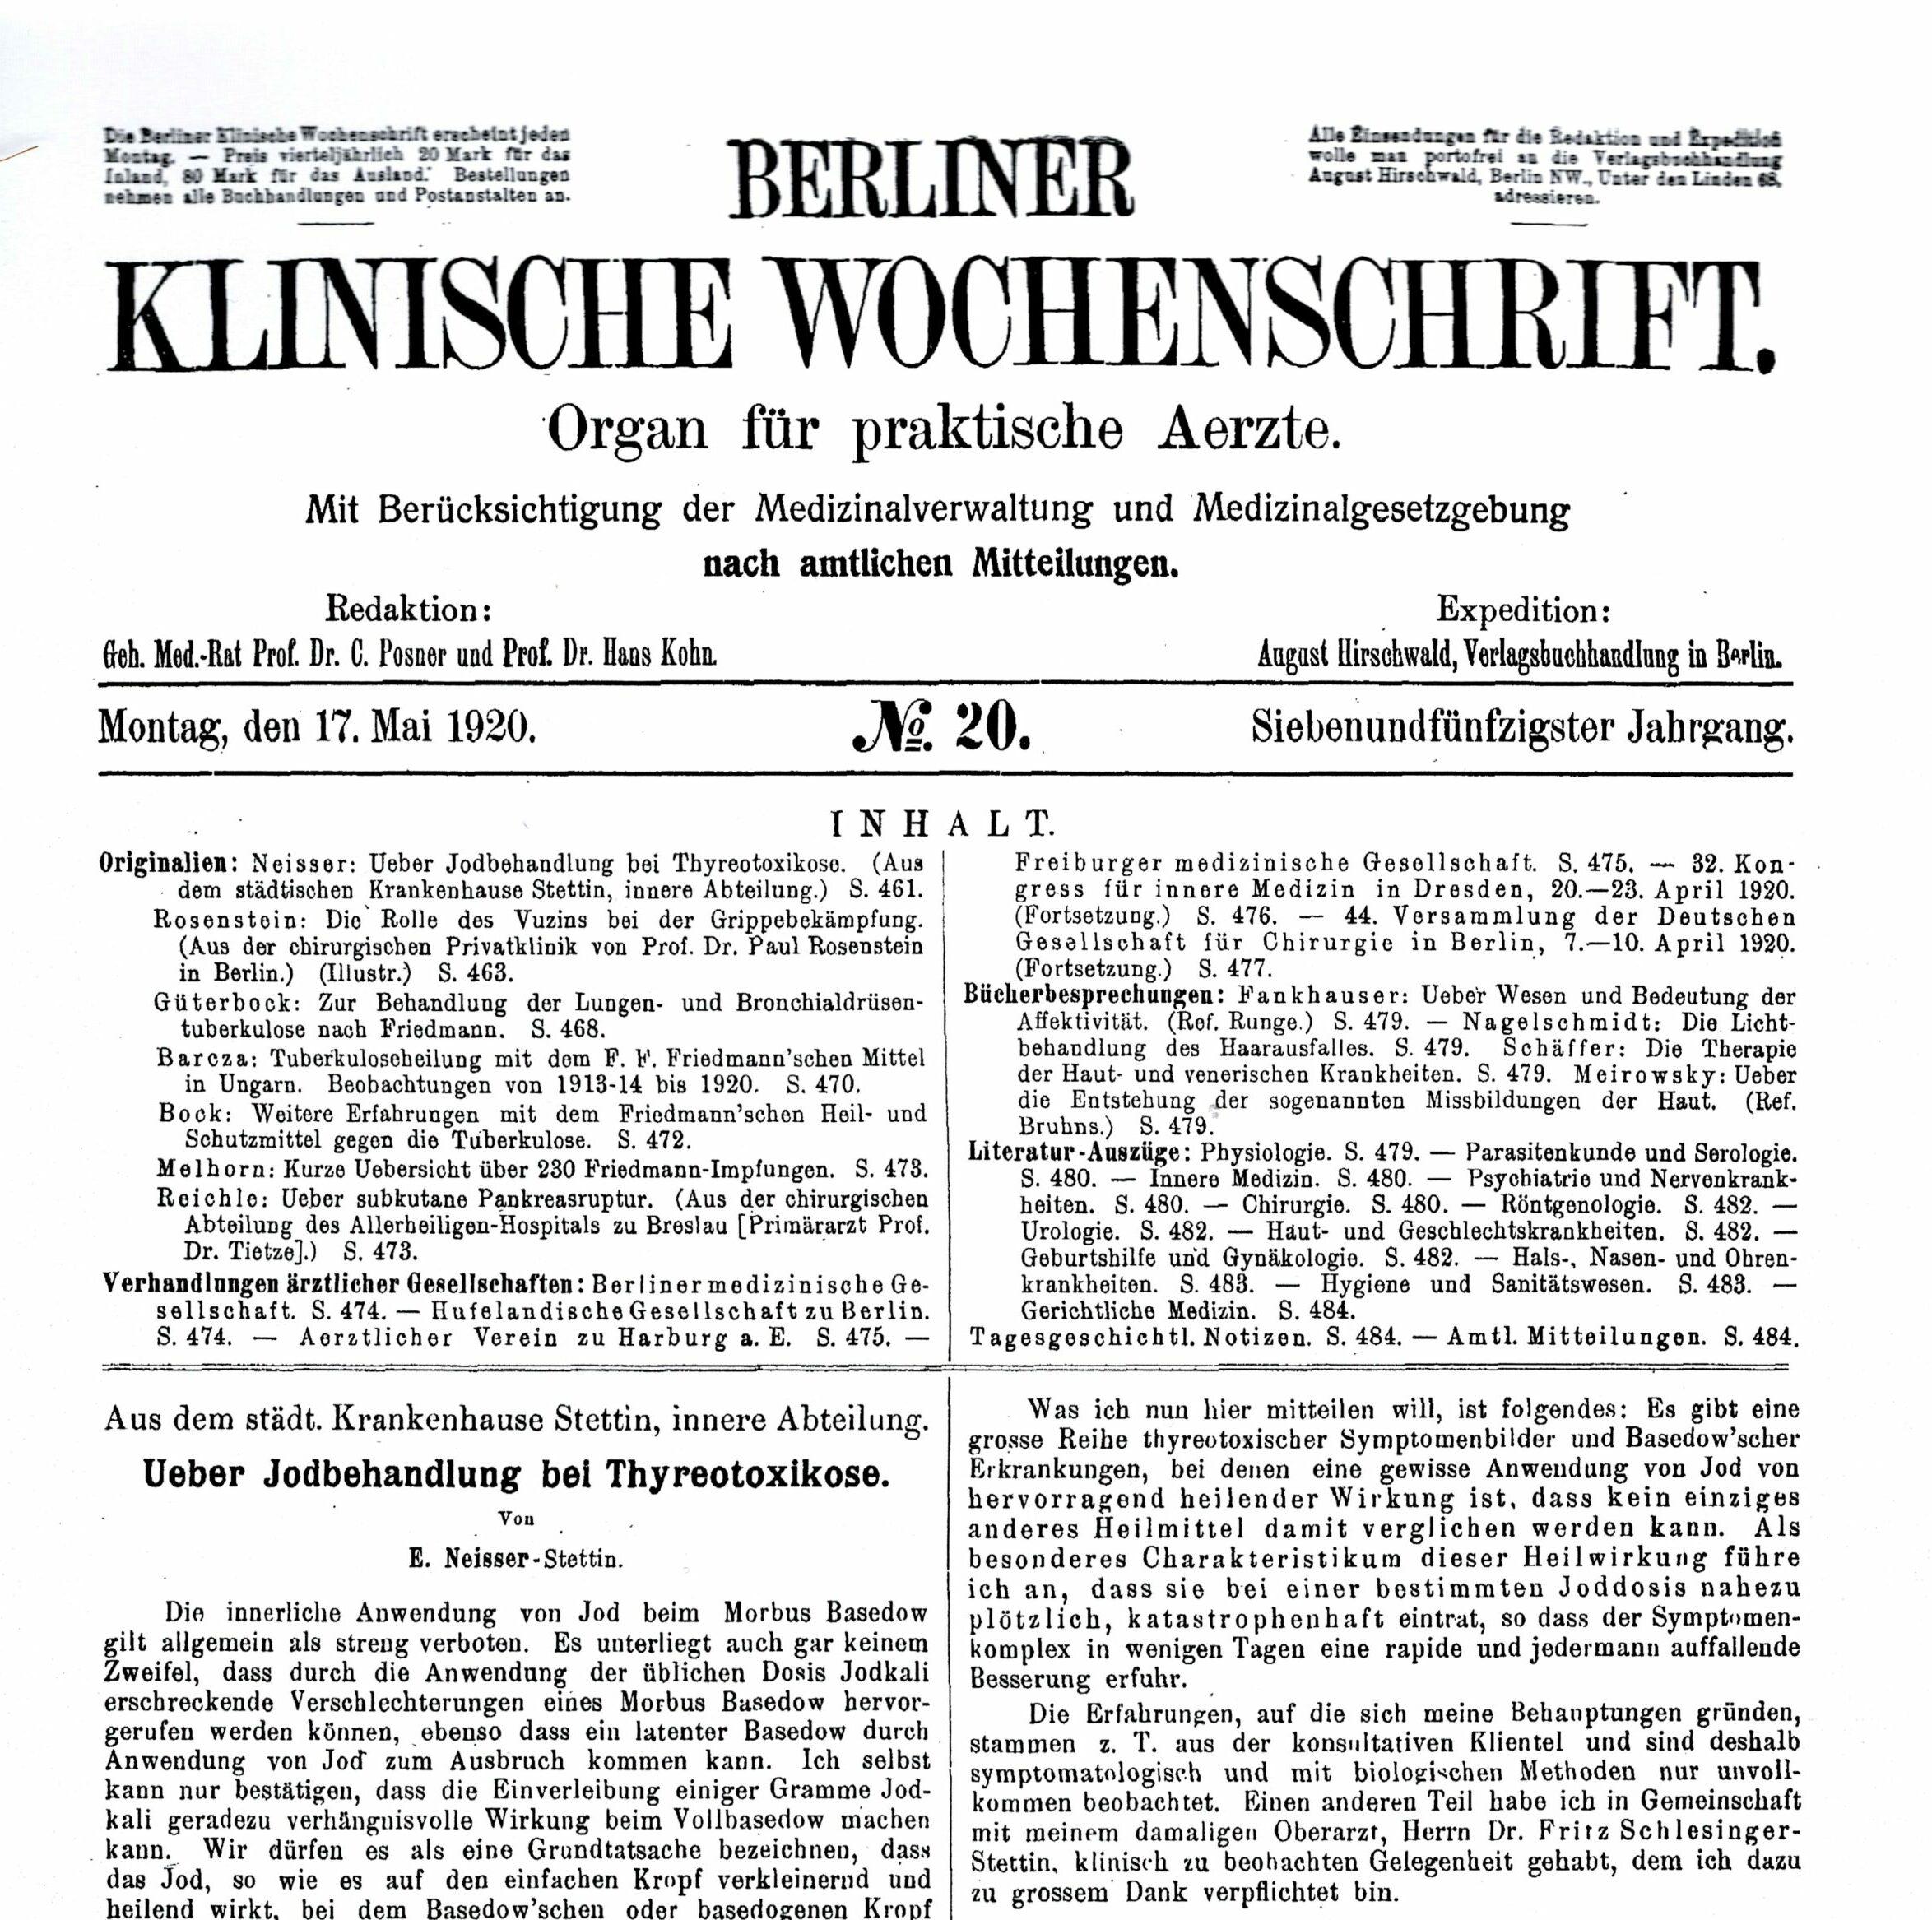 Berliner Klinische Wochenschrift 1920